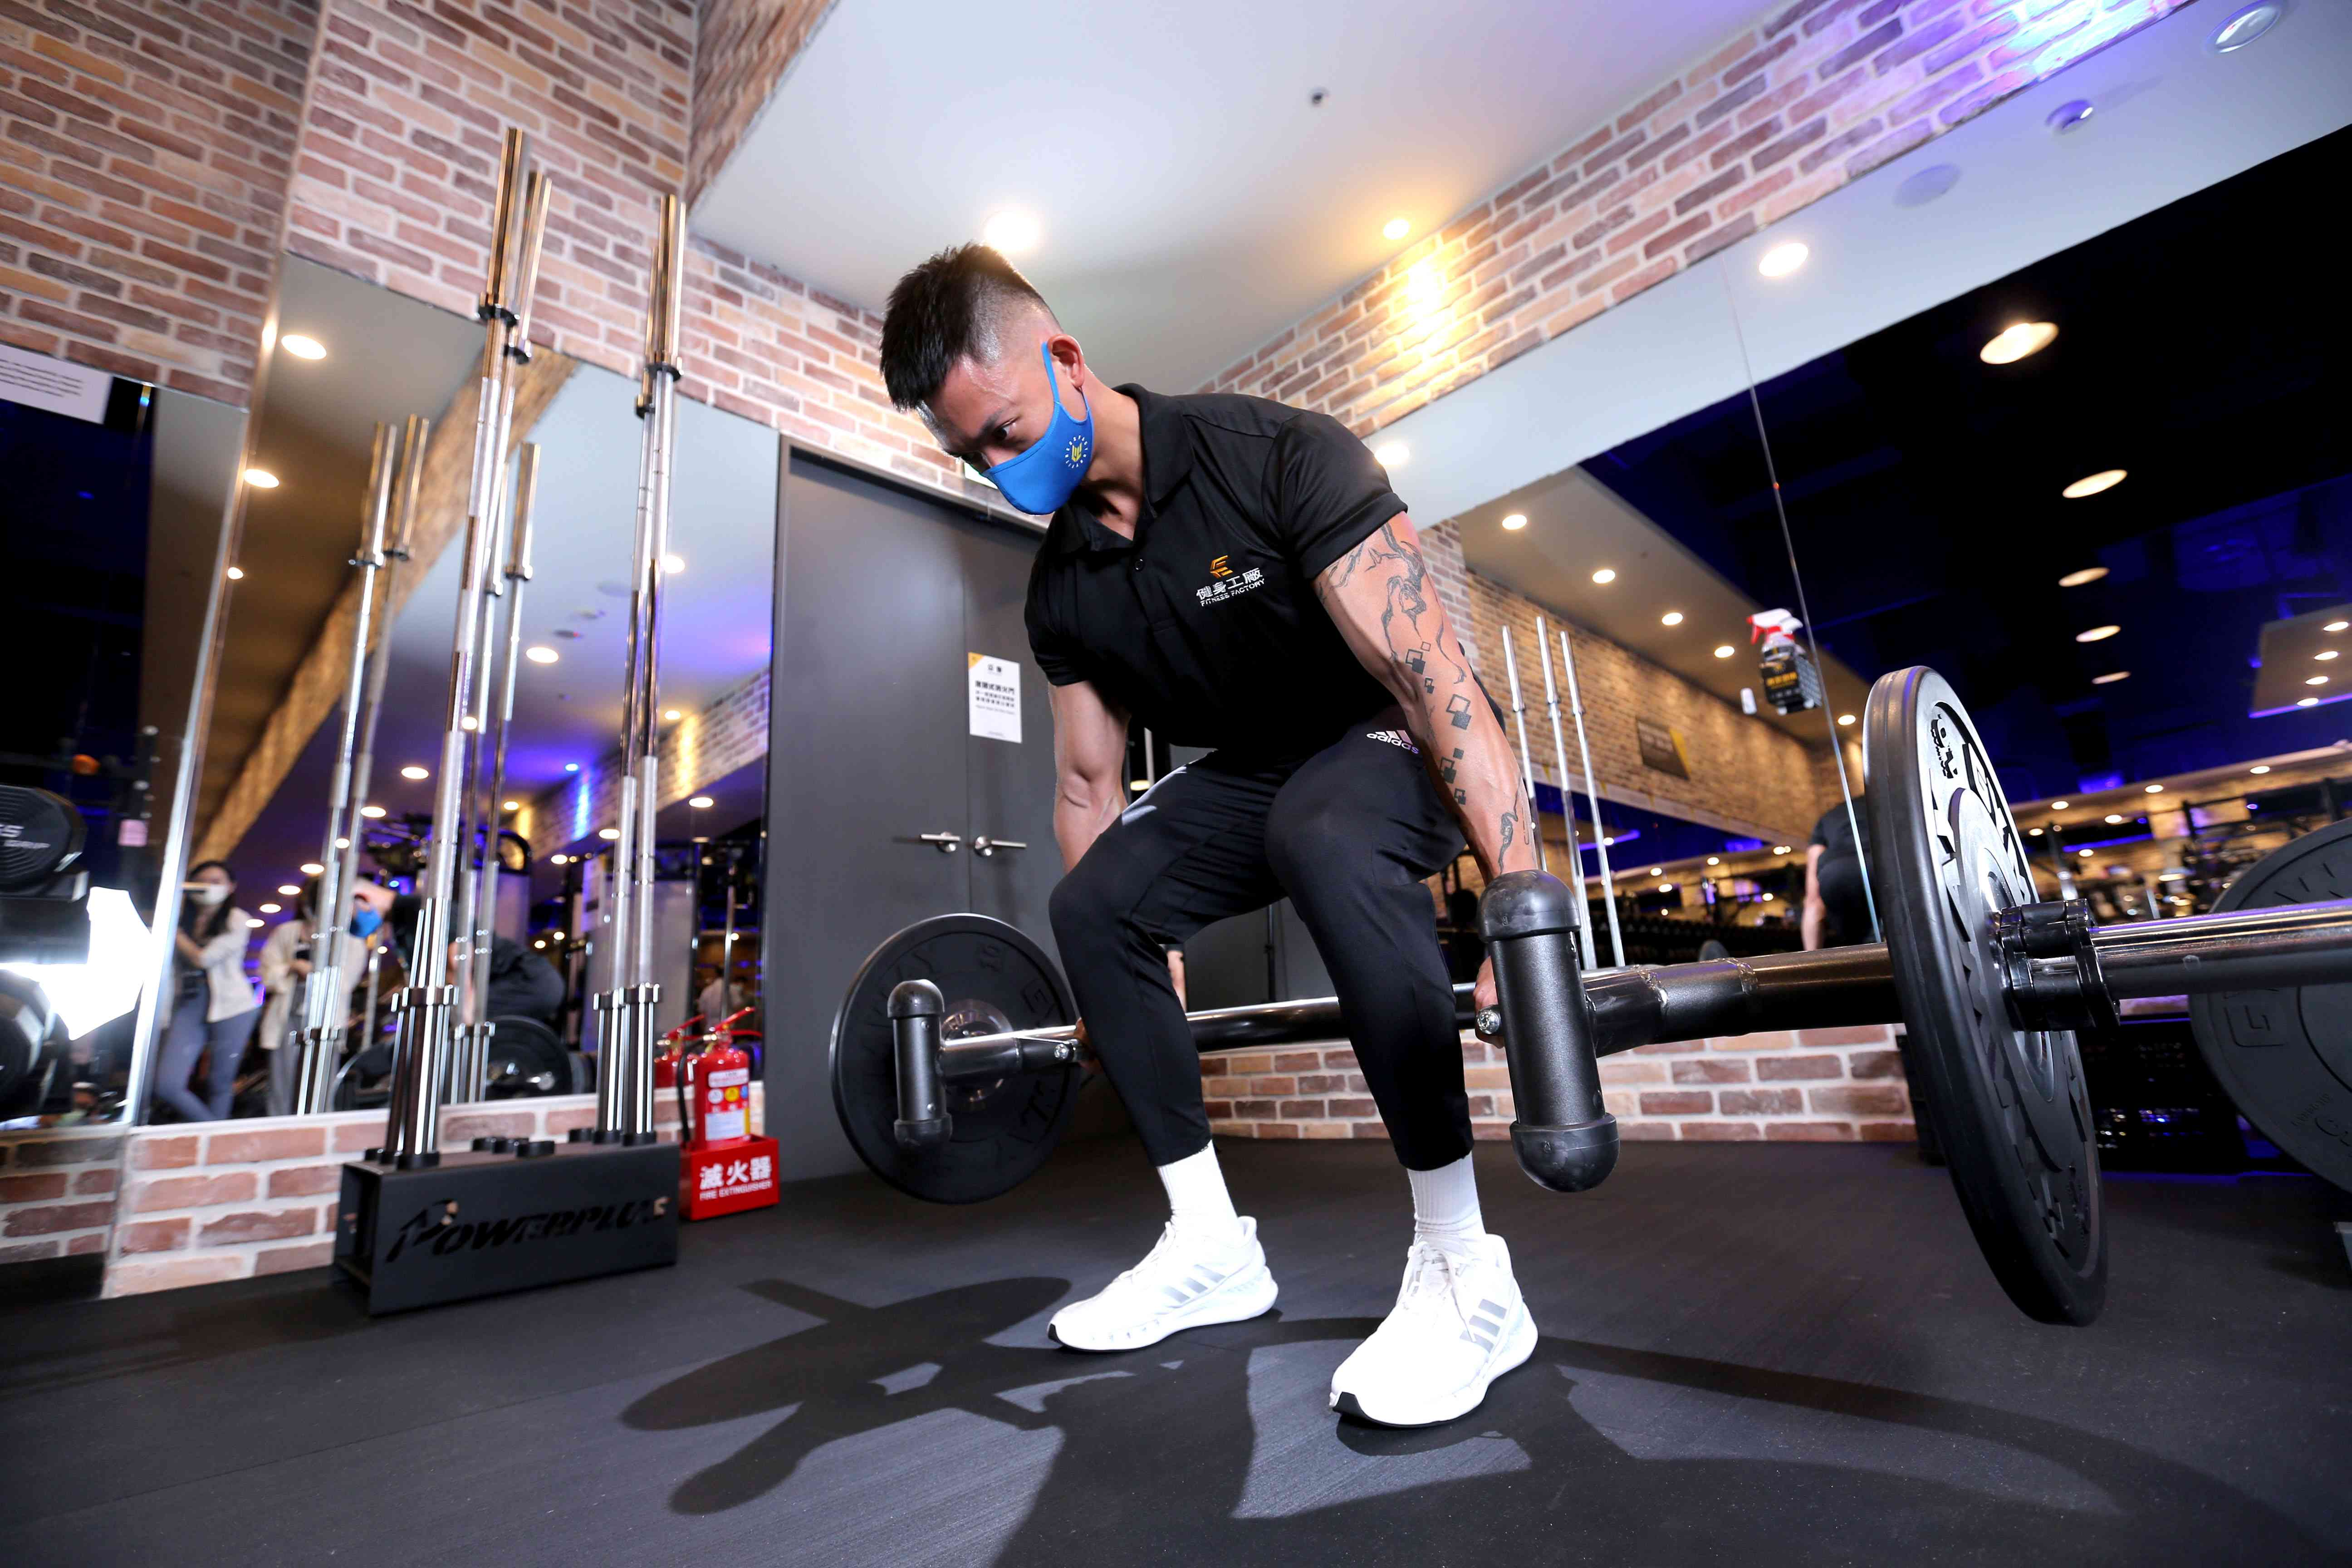 健身工廠教練推薦能有效強化臀部及腿部肌群的「六角槓硬舉」